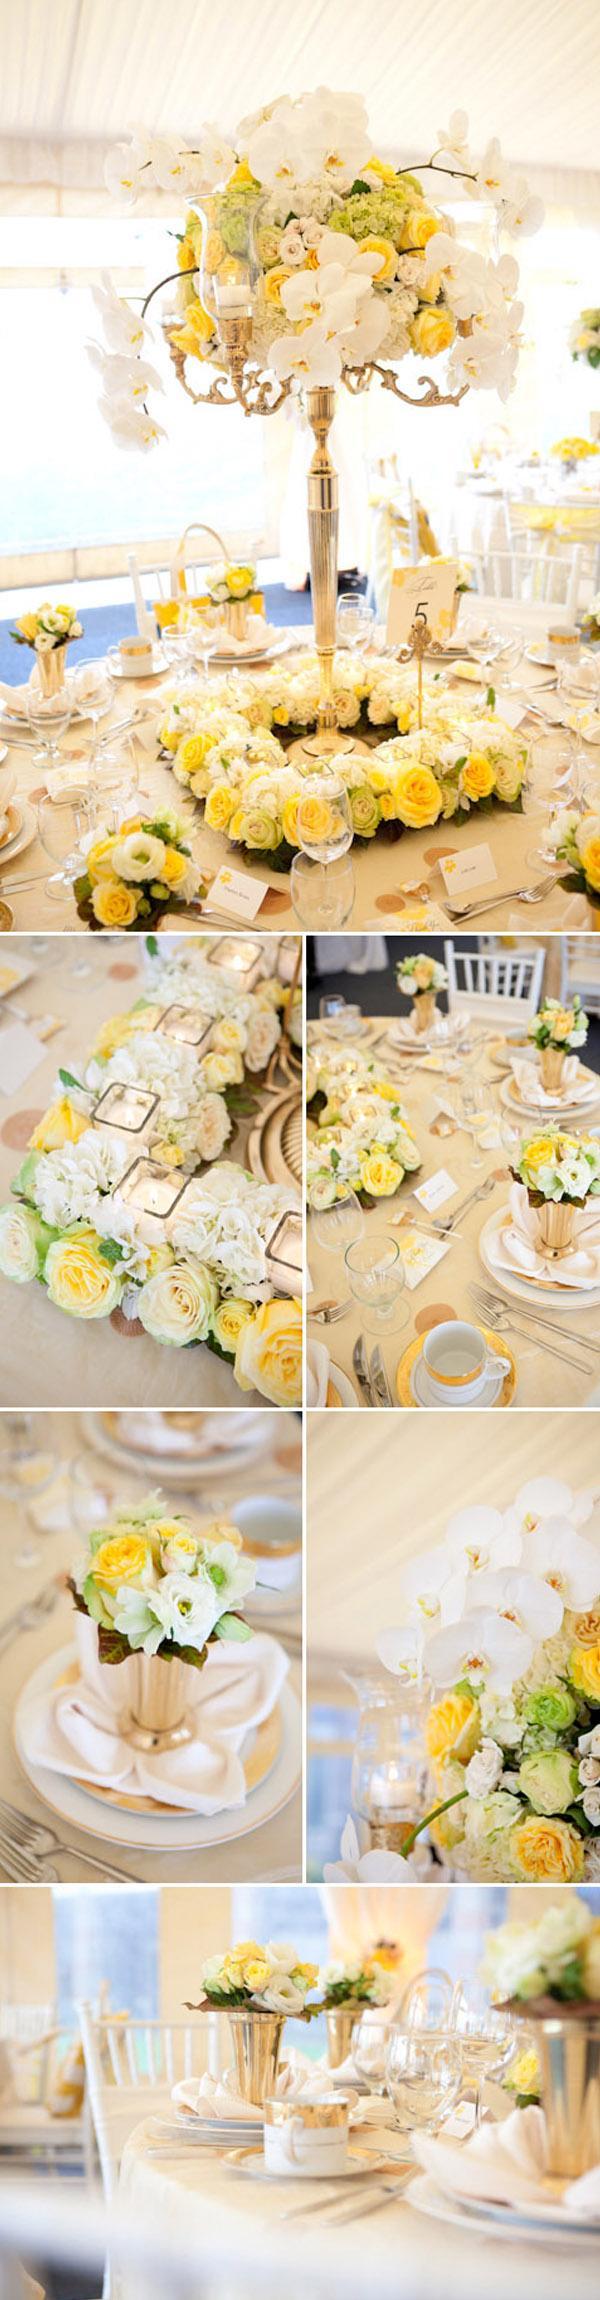 Decoración de mesa en amarillo amarillo_3_600x2300